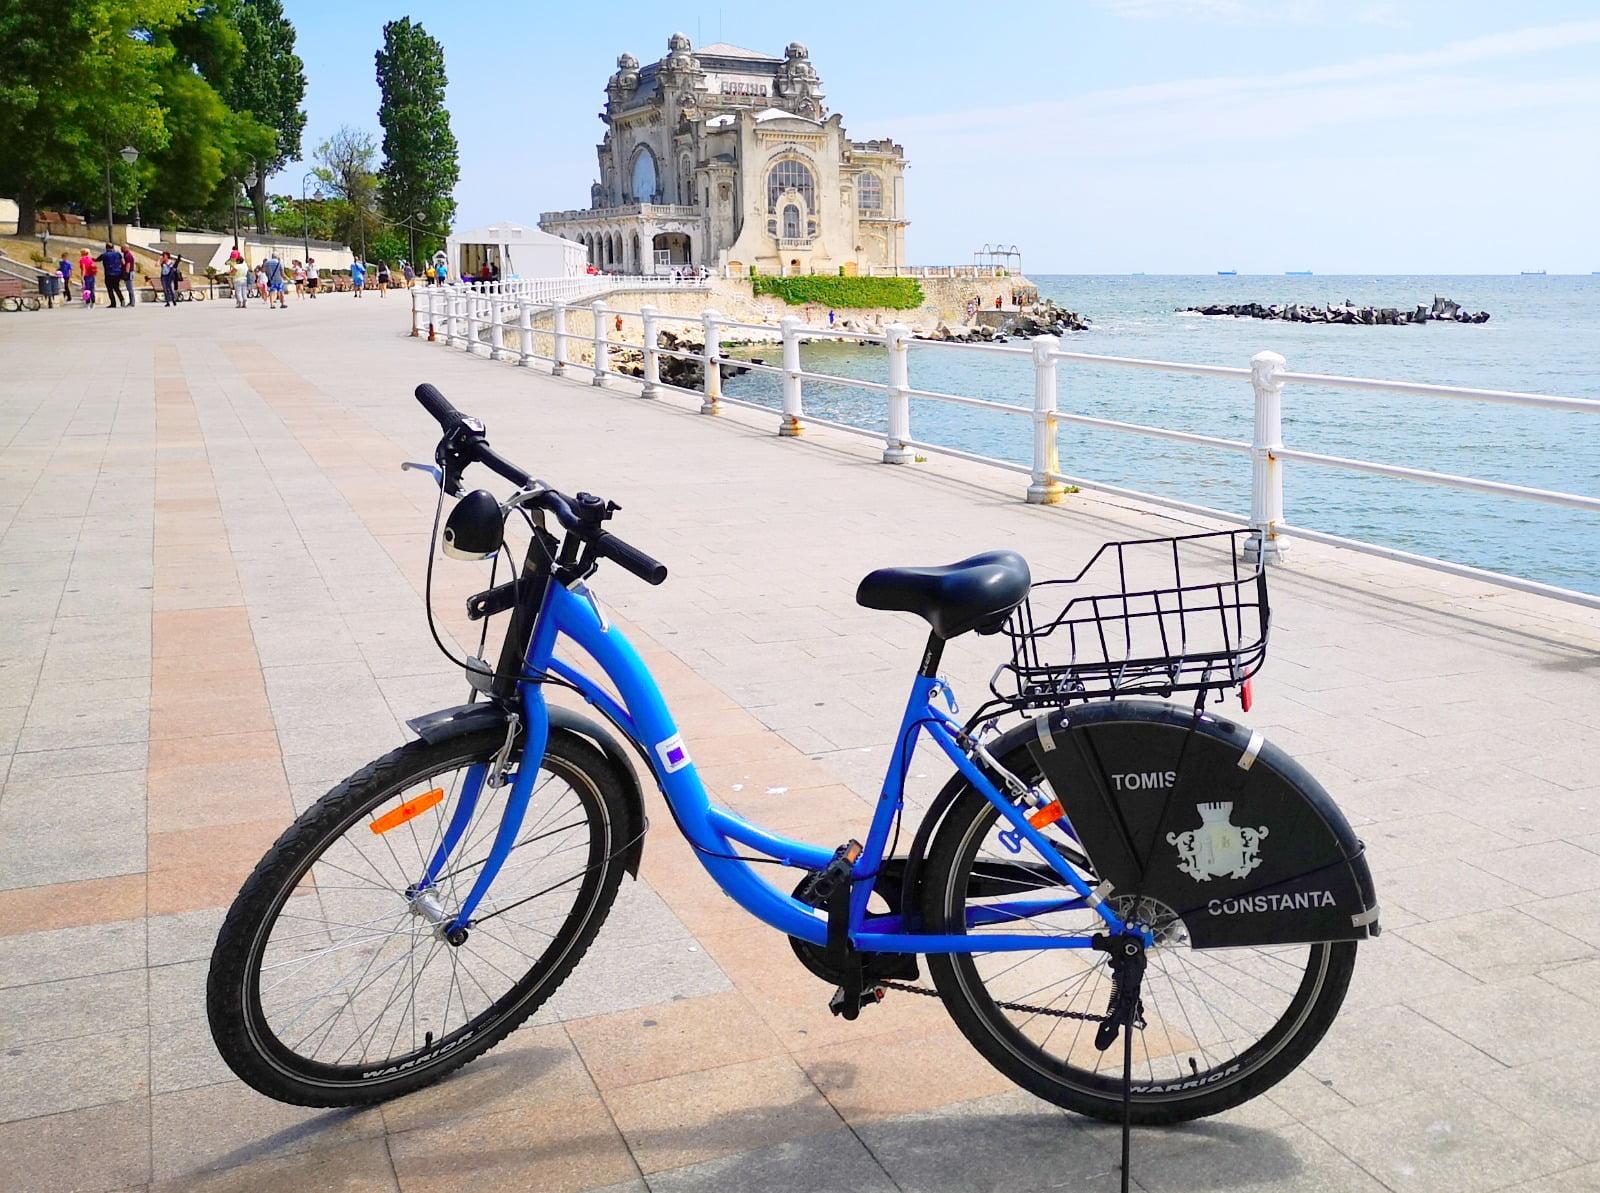 biciclete constanta 1